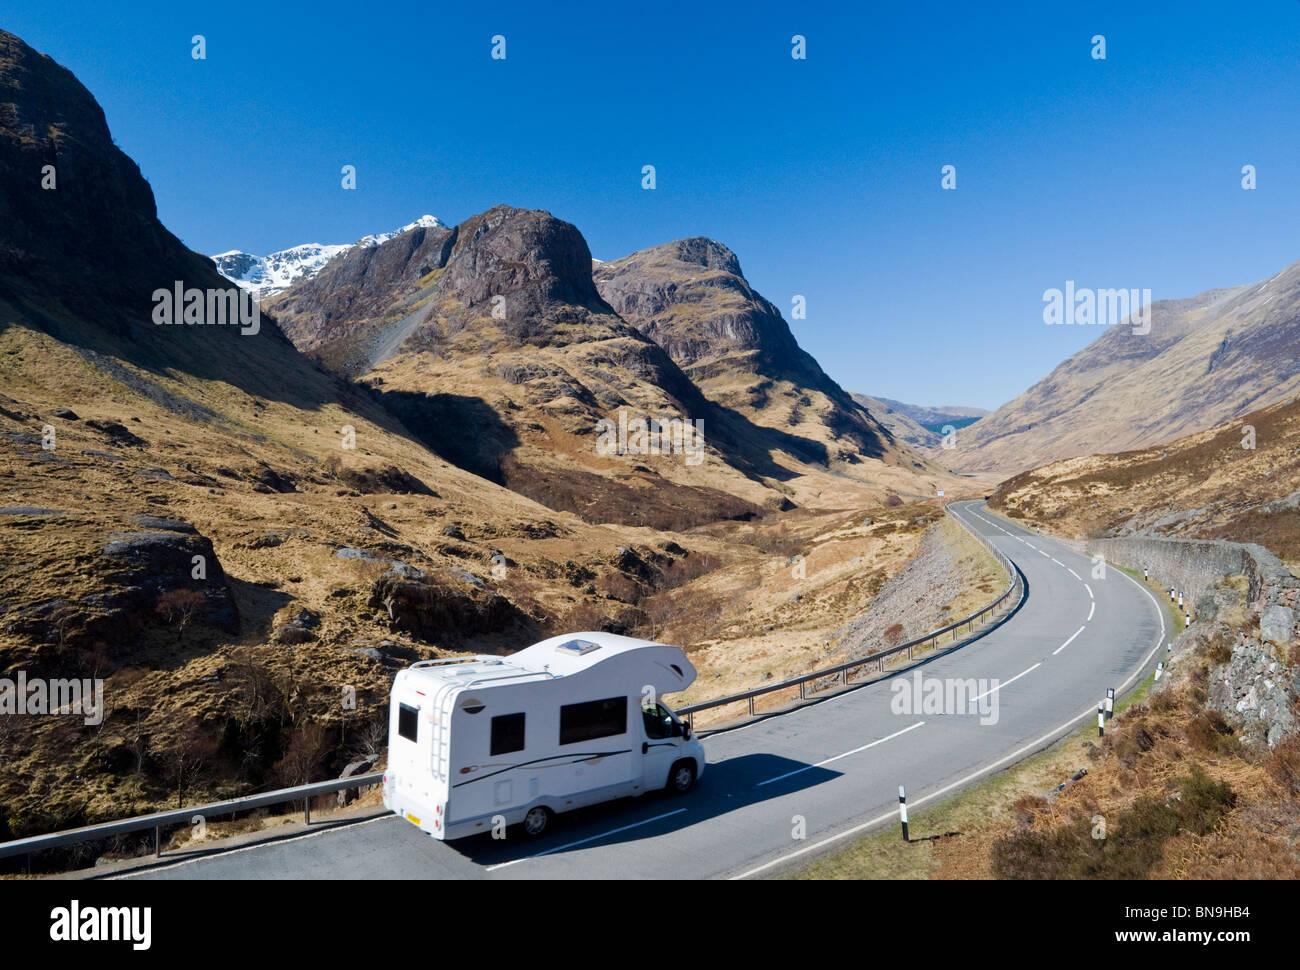 Motorhome travelling the road through Glencoe, Scottish Highlands, Scotland, UK - Stock Image